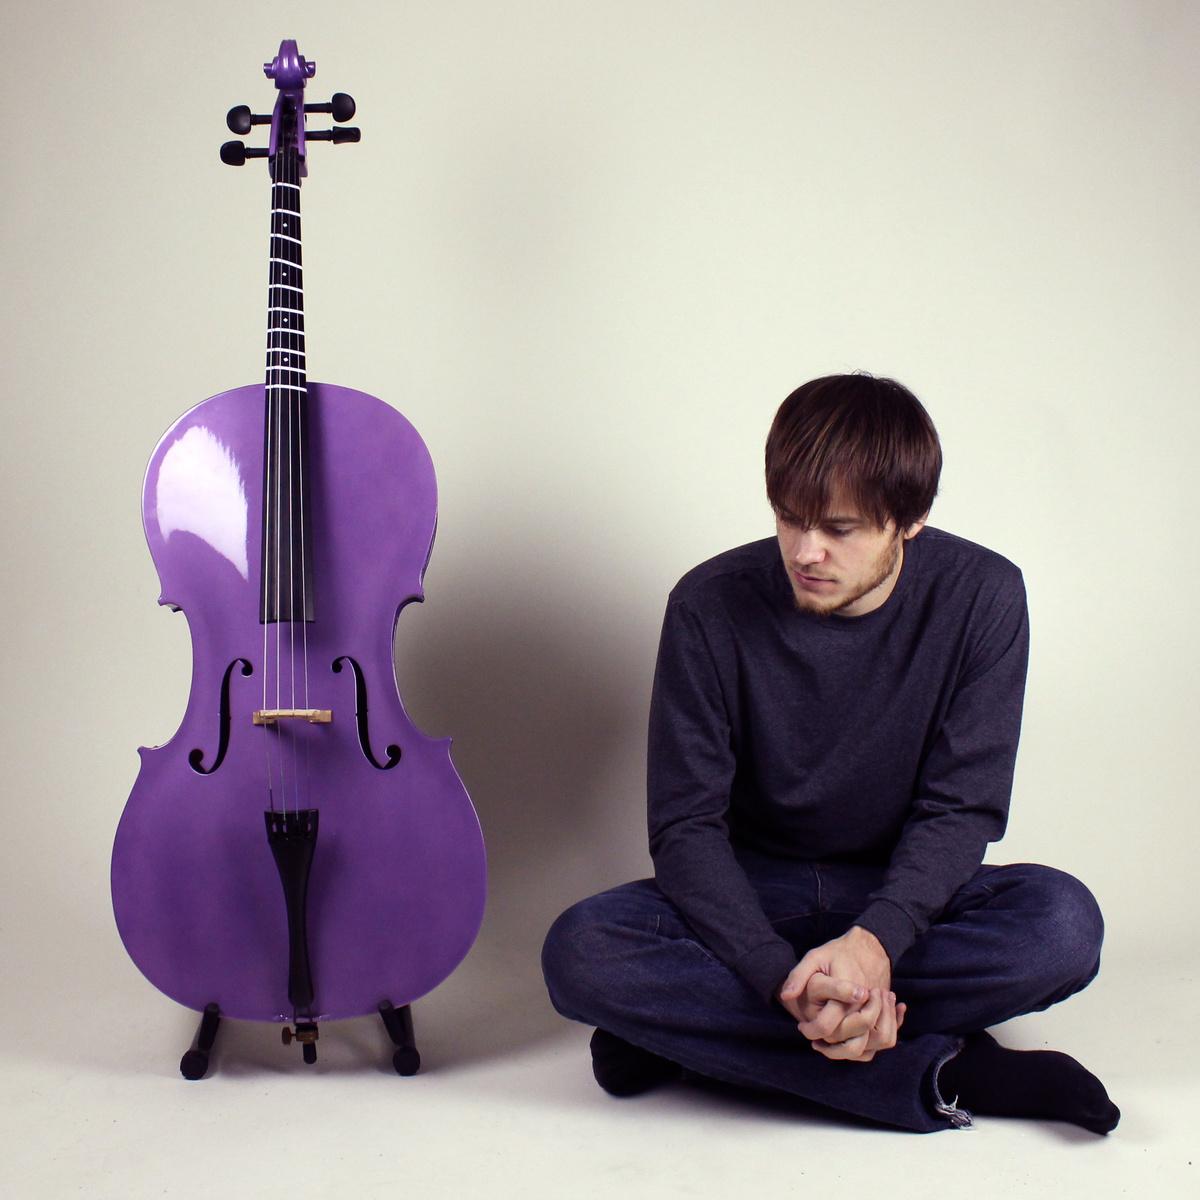 Rob Scallon impressionou internautas no violoncelo (Divulgação)